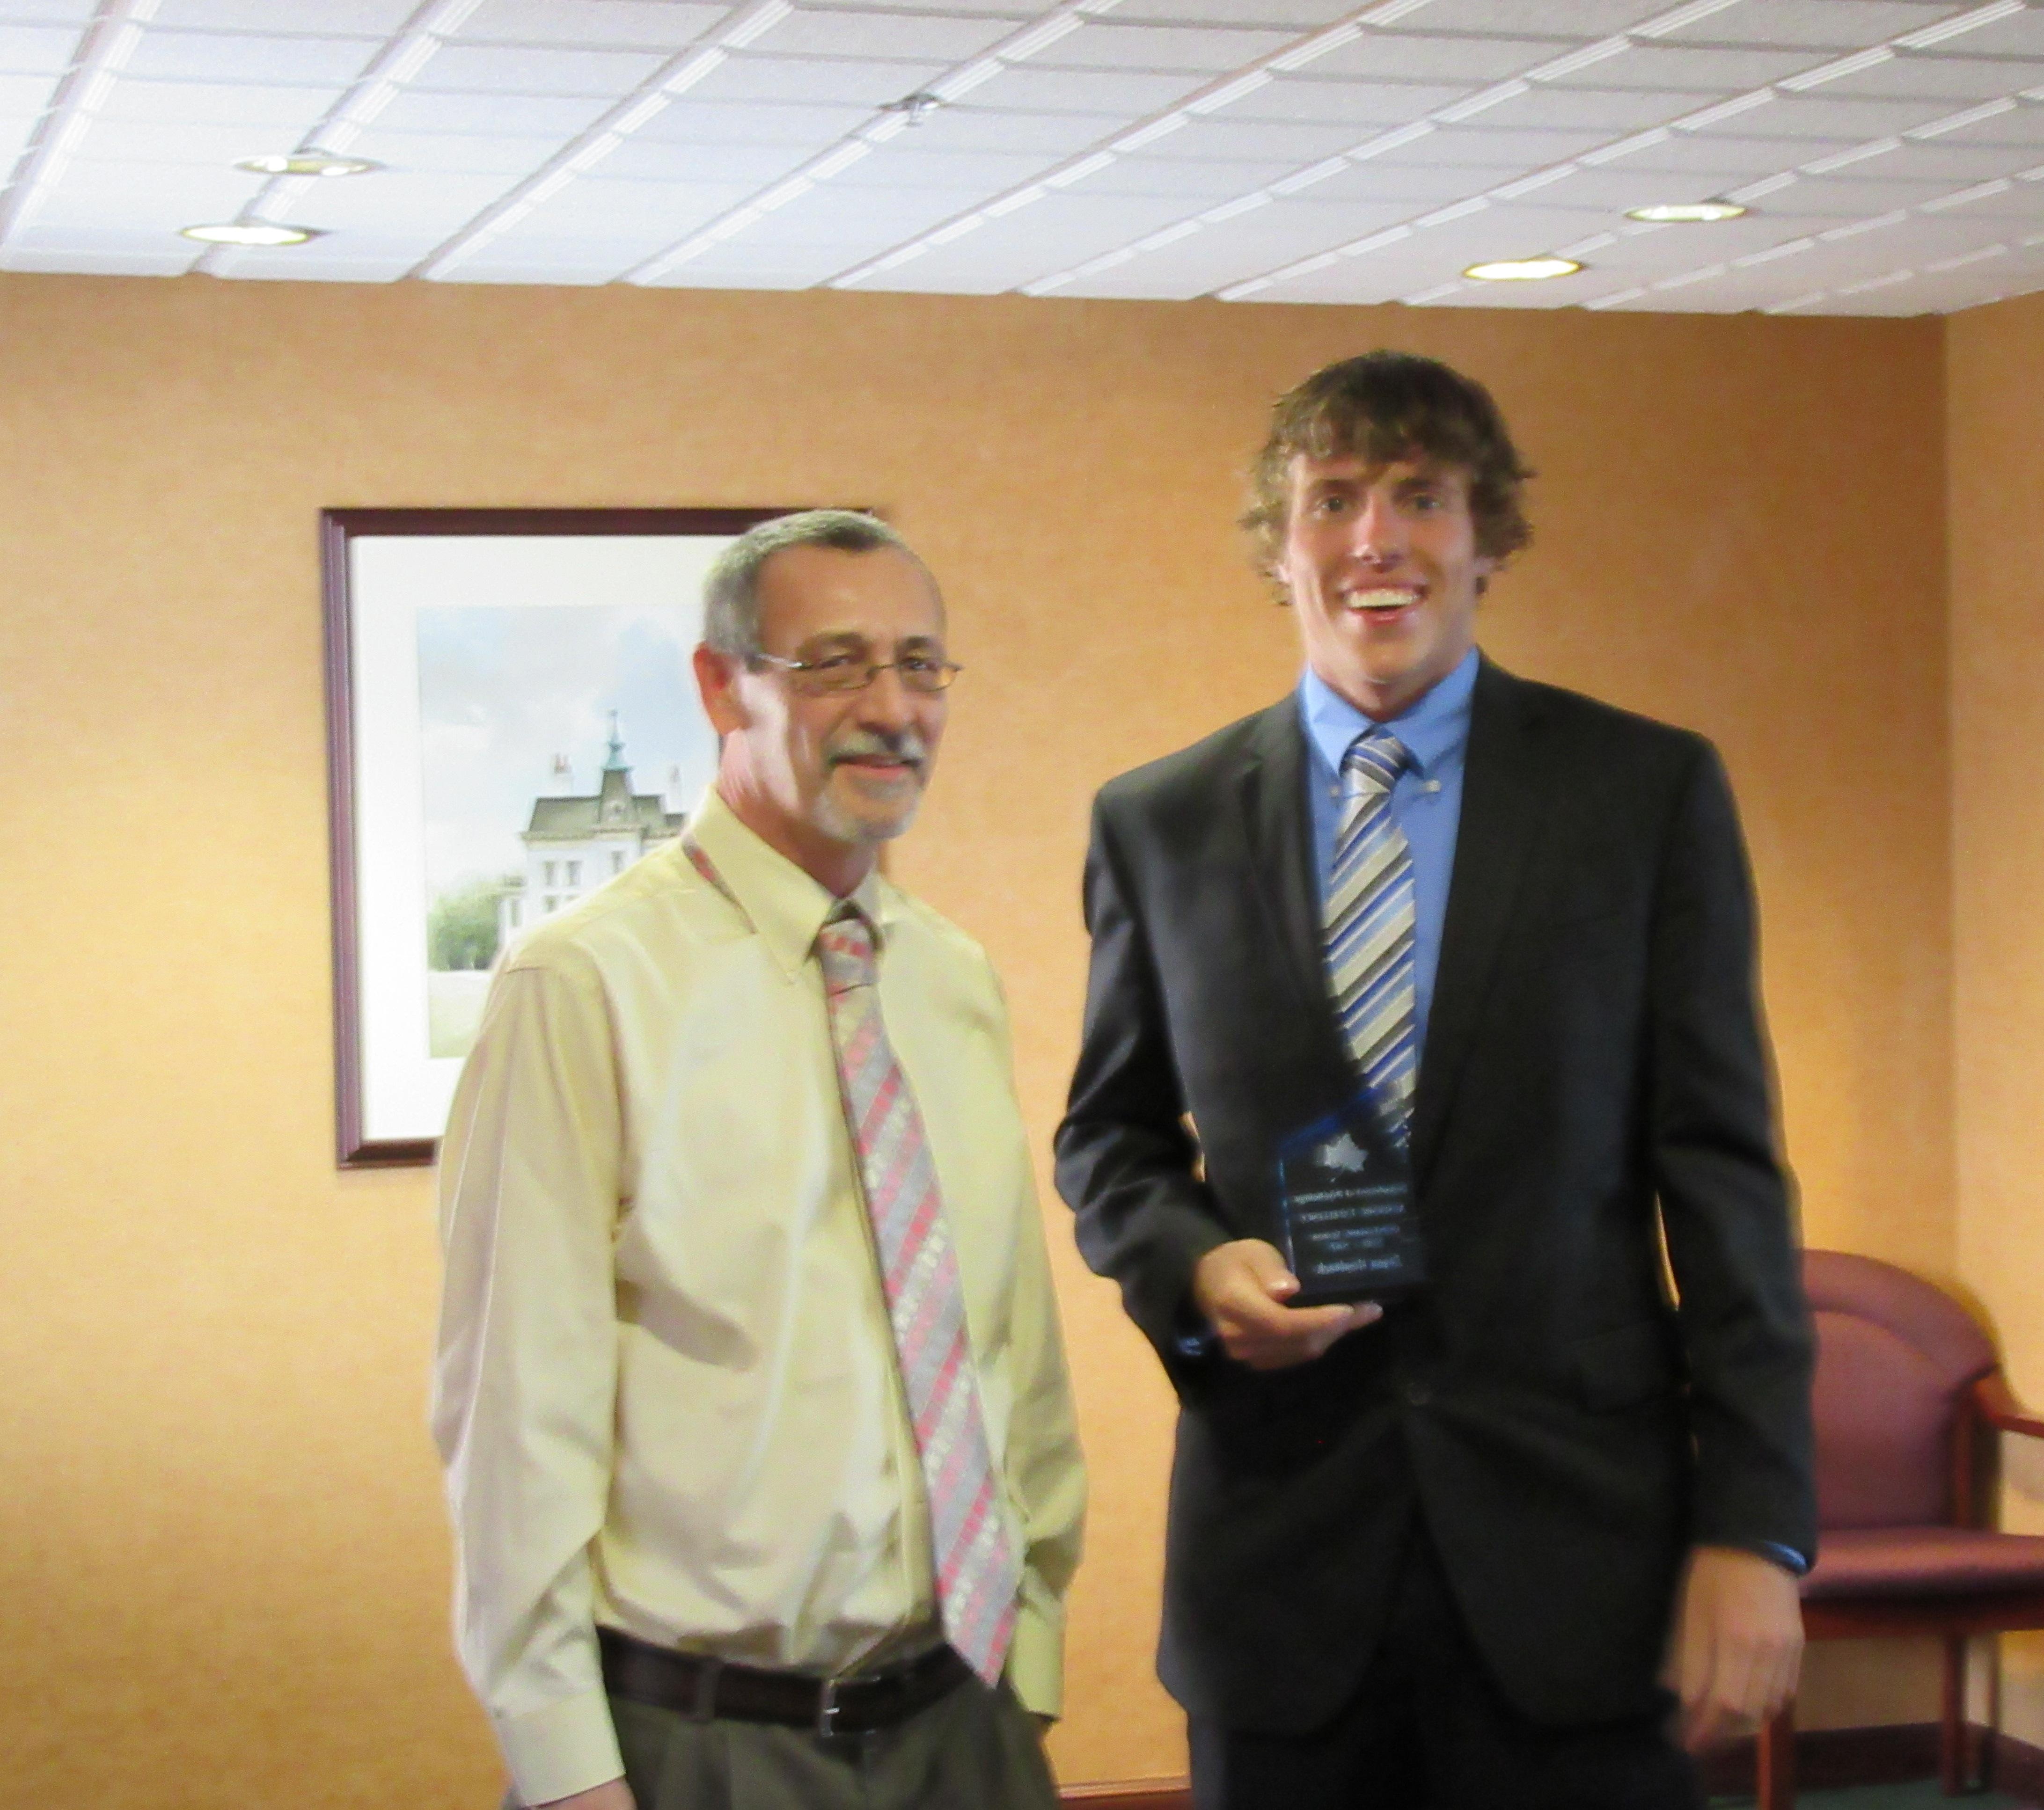 Dr. Sheets and Logan Hambrock